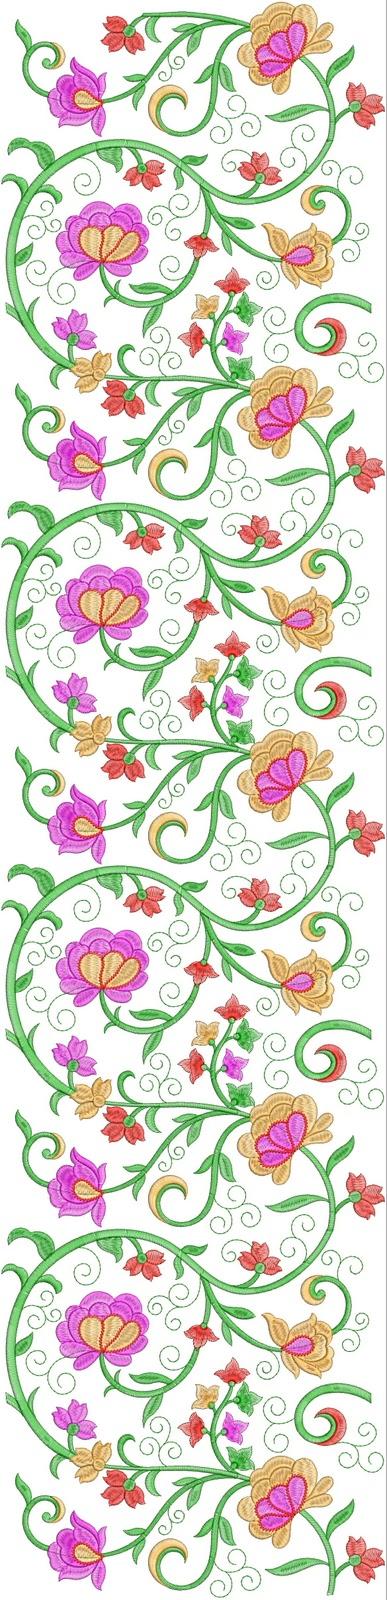 Embdesigntube 250 Mm Ahmadabadi Jaal Embroidery Design